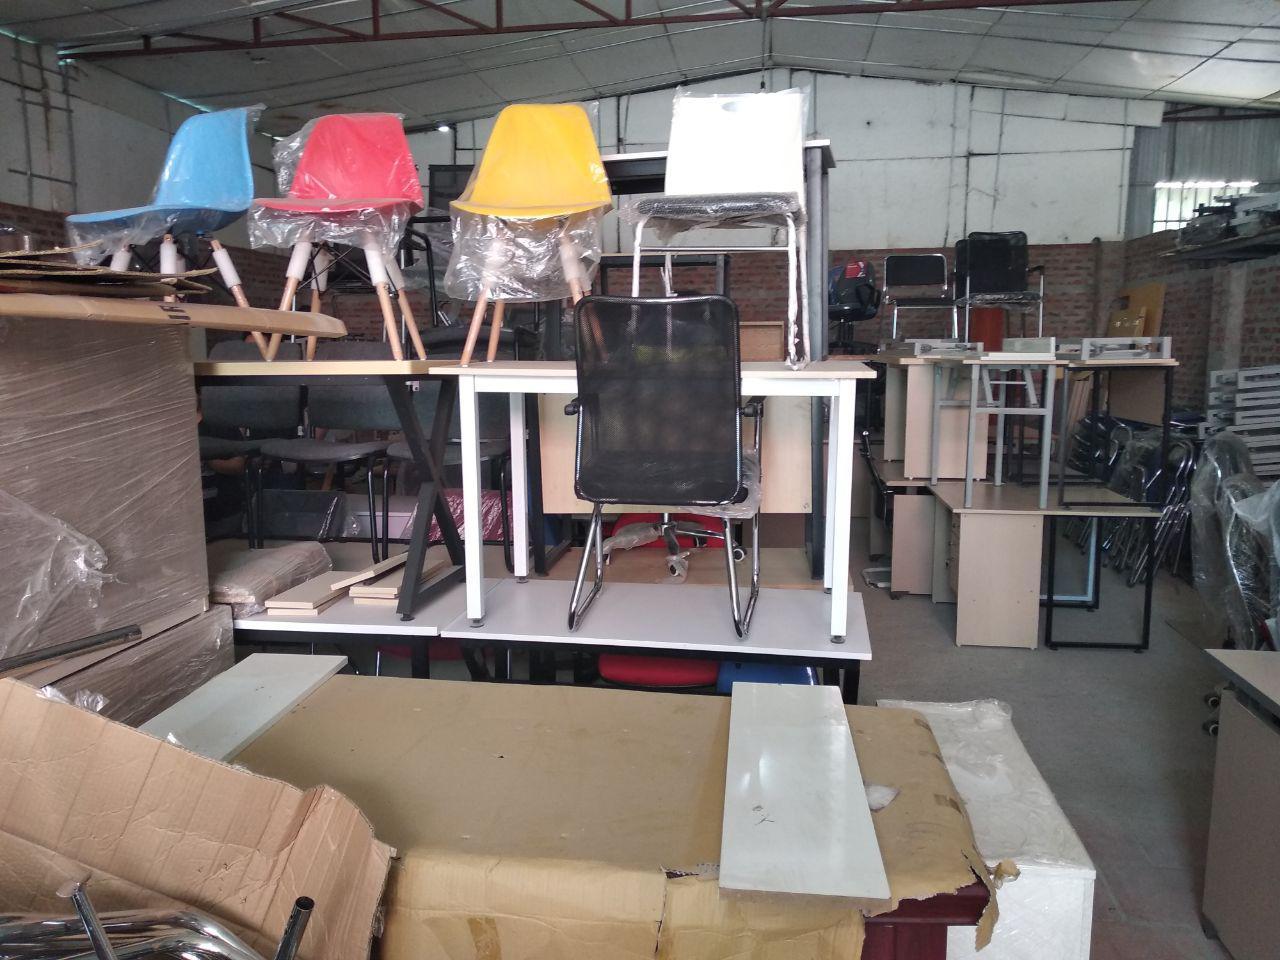 NGoài ra chúng tôi còn cung cấp các loại ghế khác